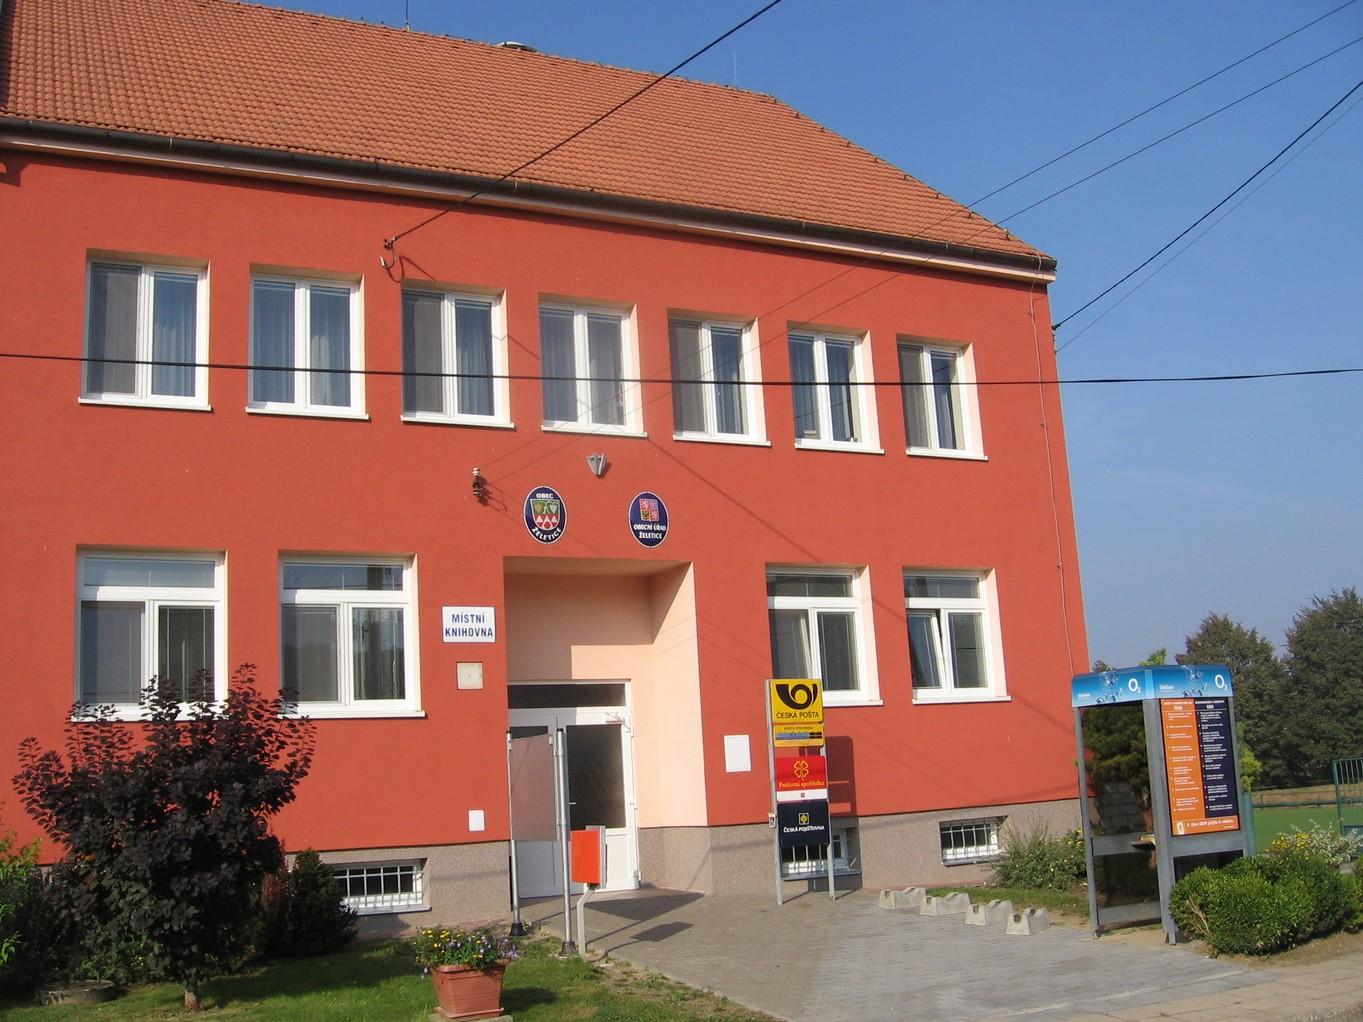 OBRÁZEK : Budova obecniho uradu_rekonstrukce 2009.jpg